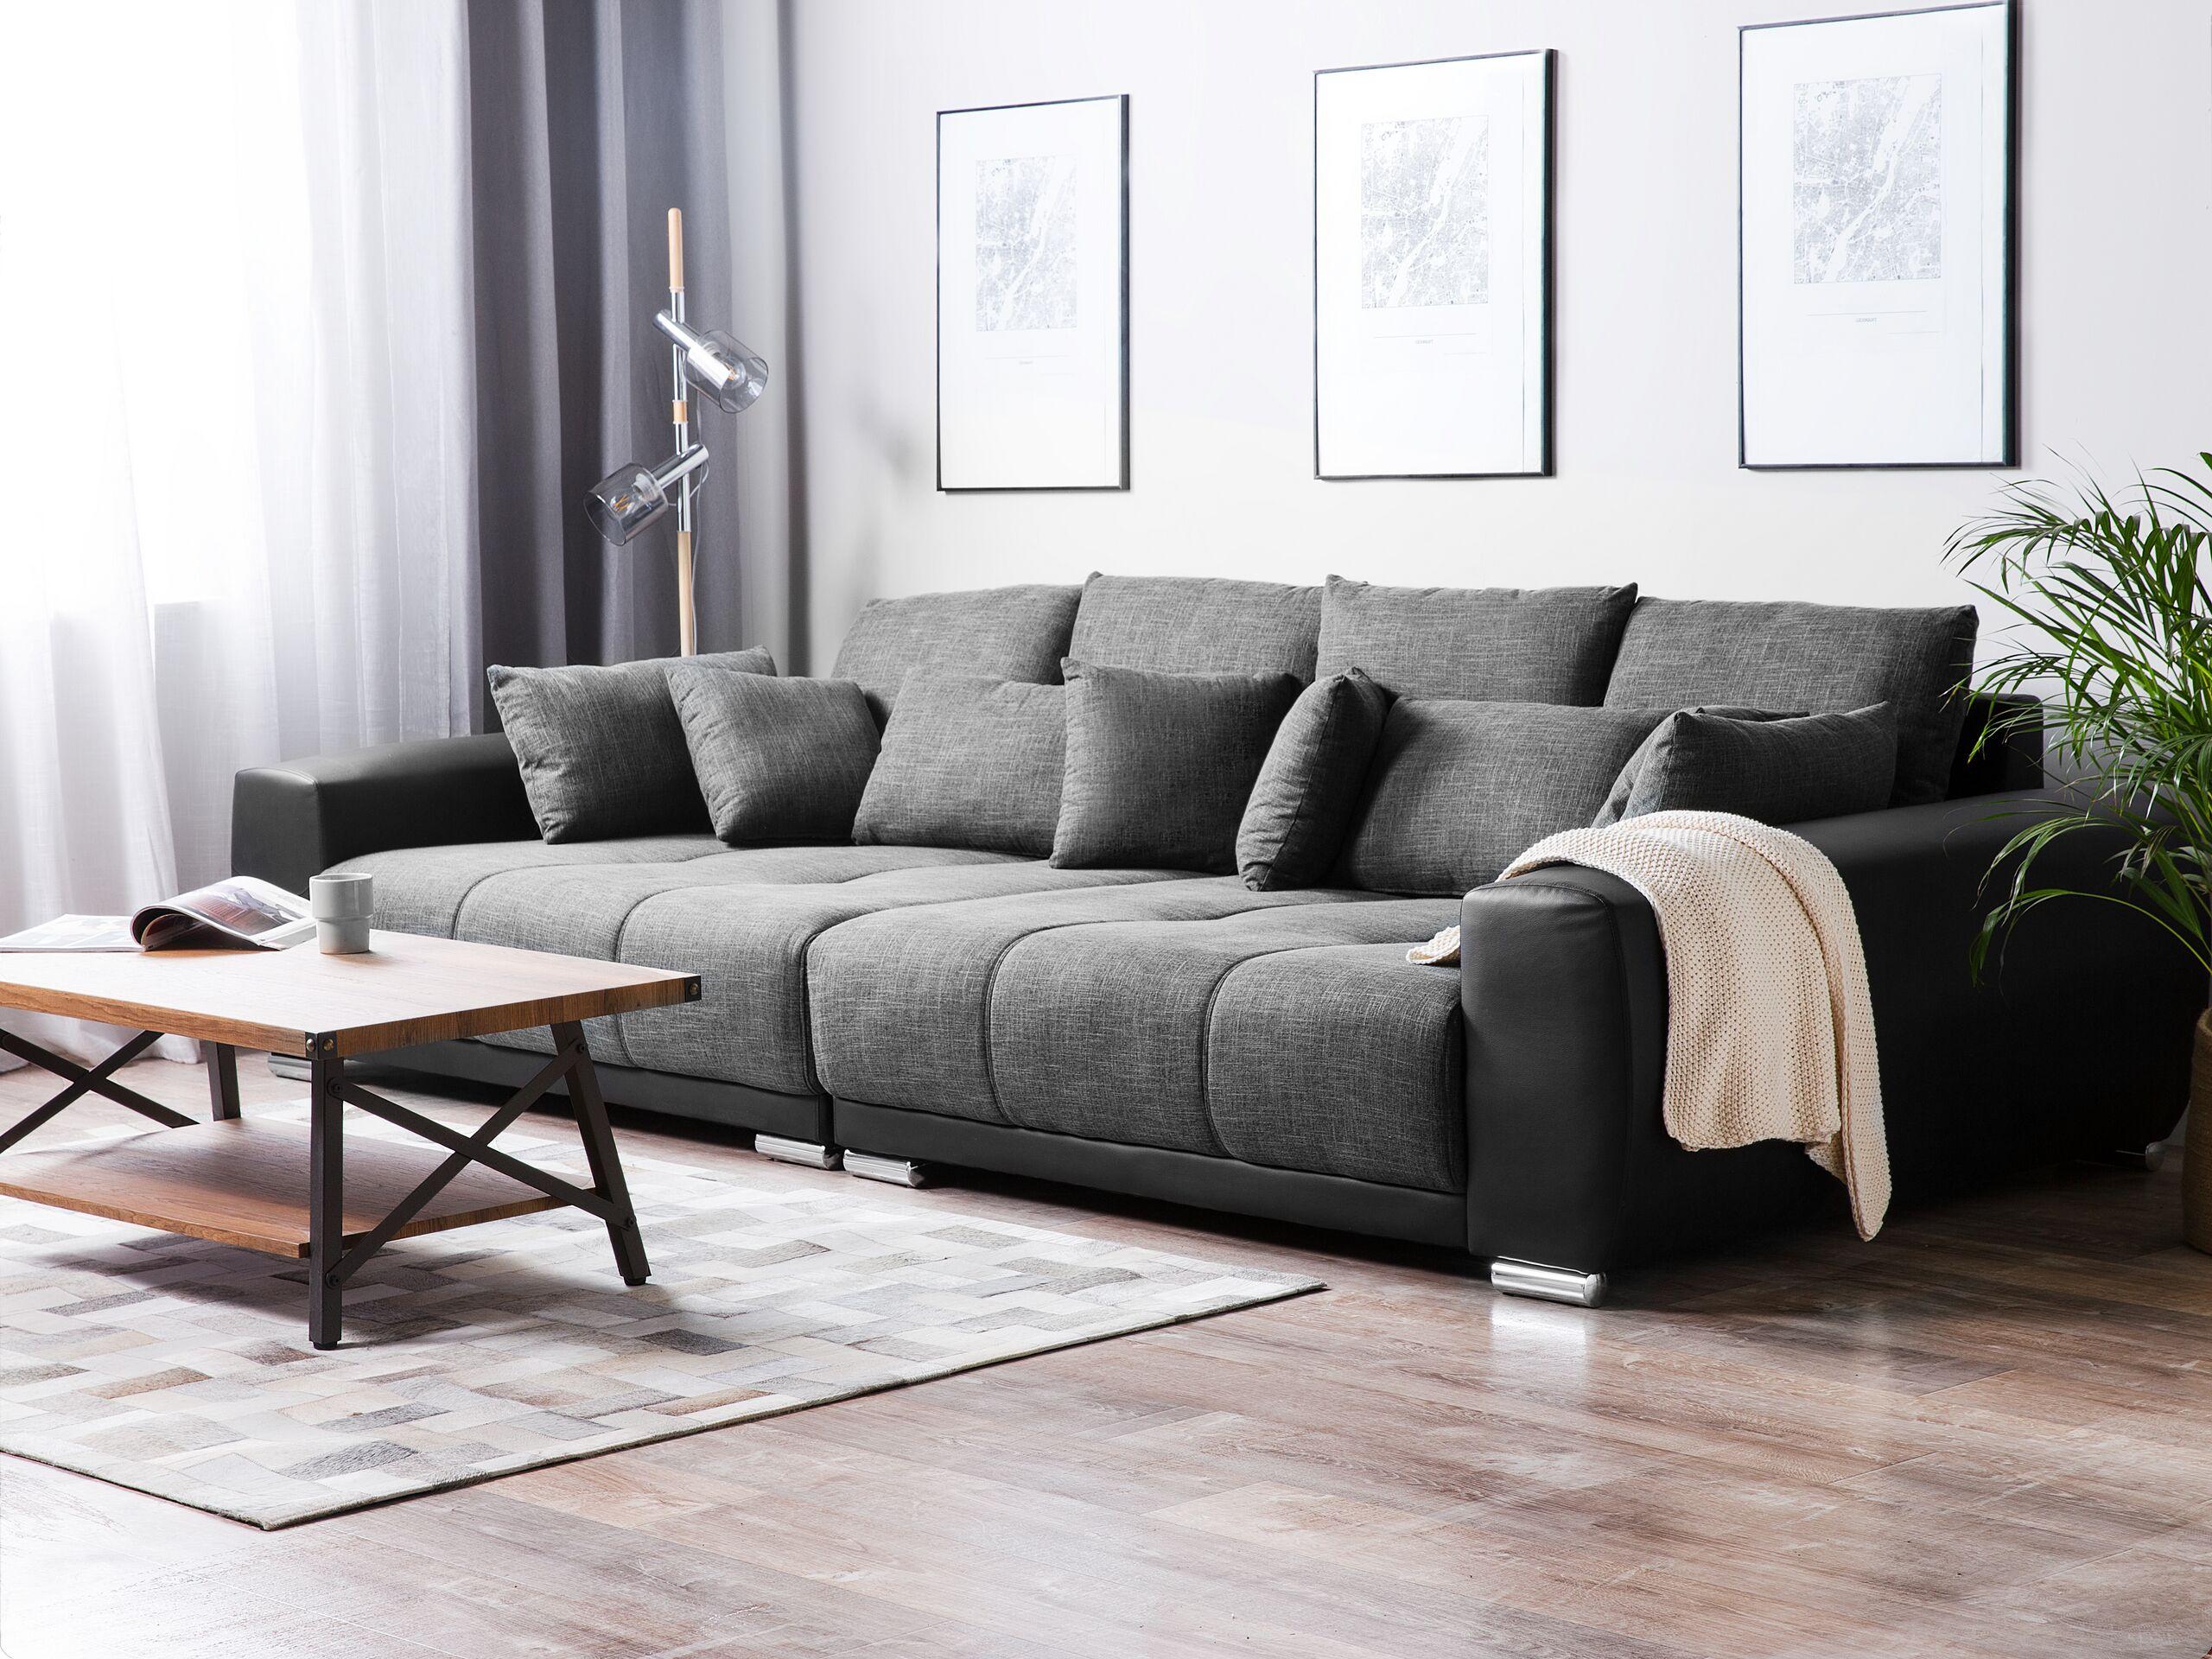 Marca do fabricante - Sofá XL em tecido cinzento escuro TORPO